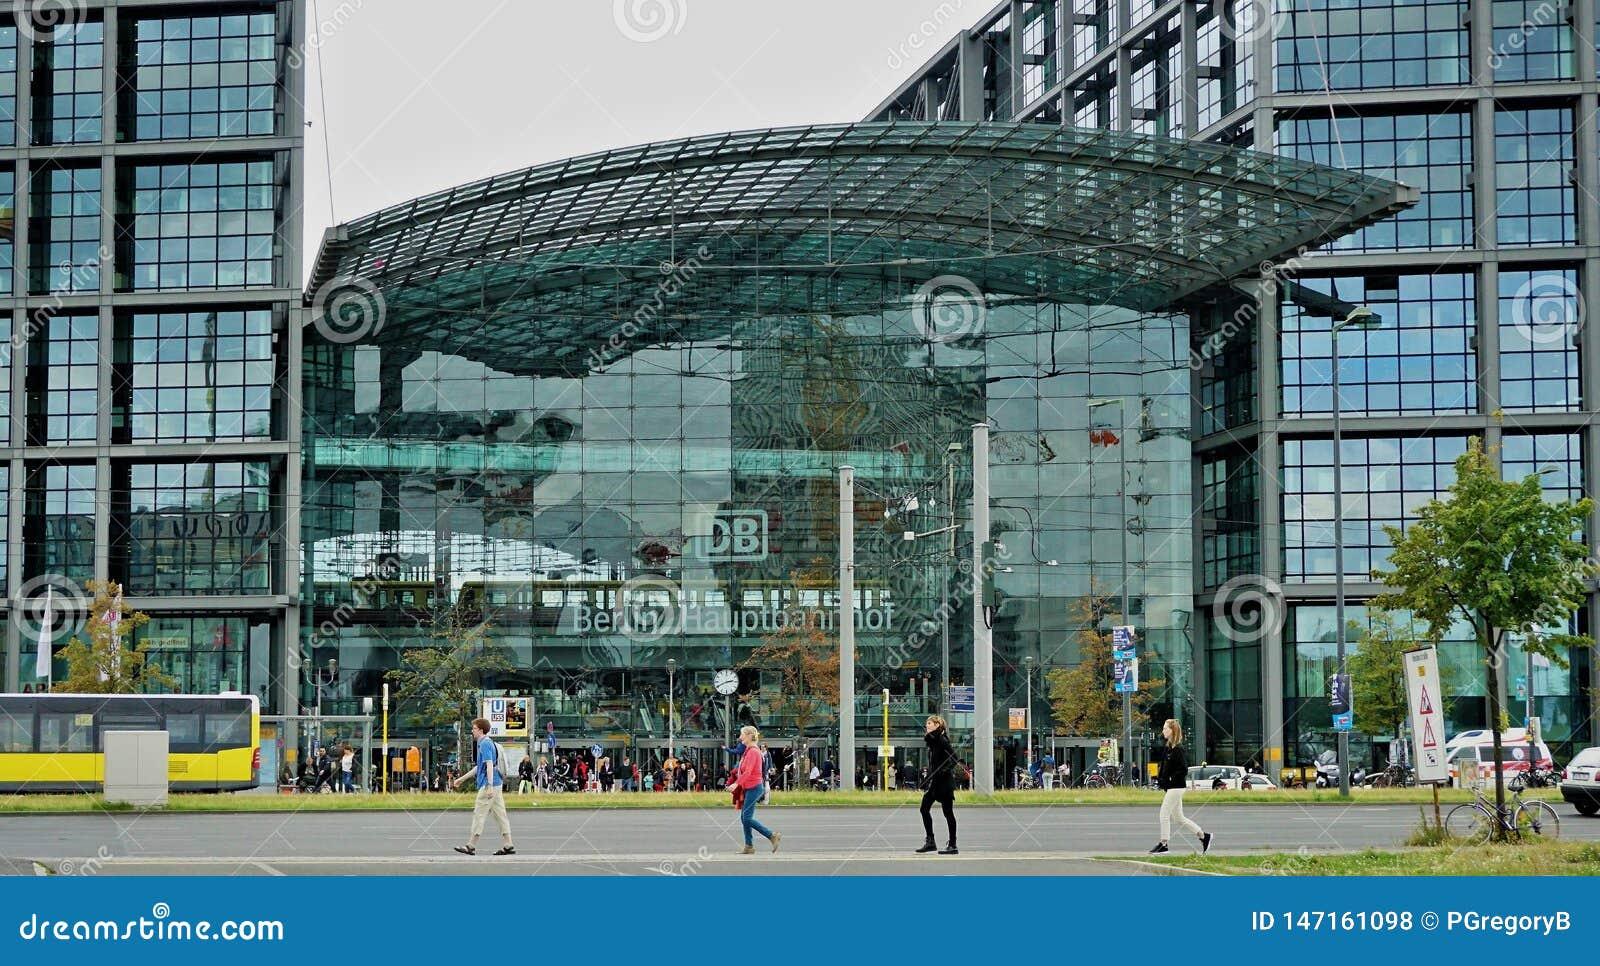 Berlin Train Stations-Äußeres und vier Fußgänger